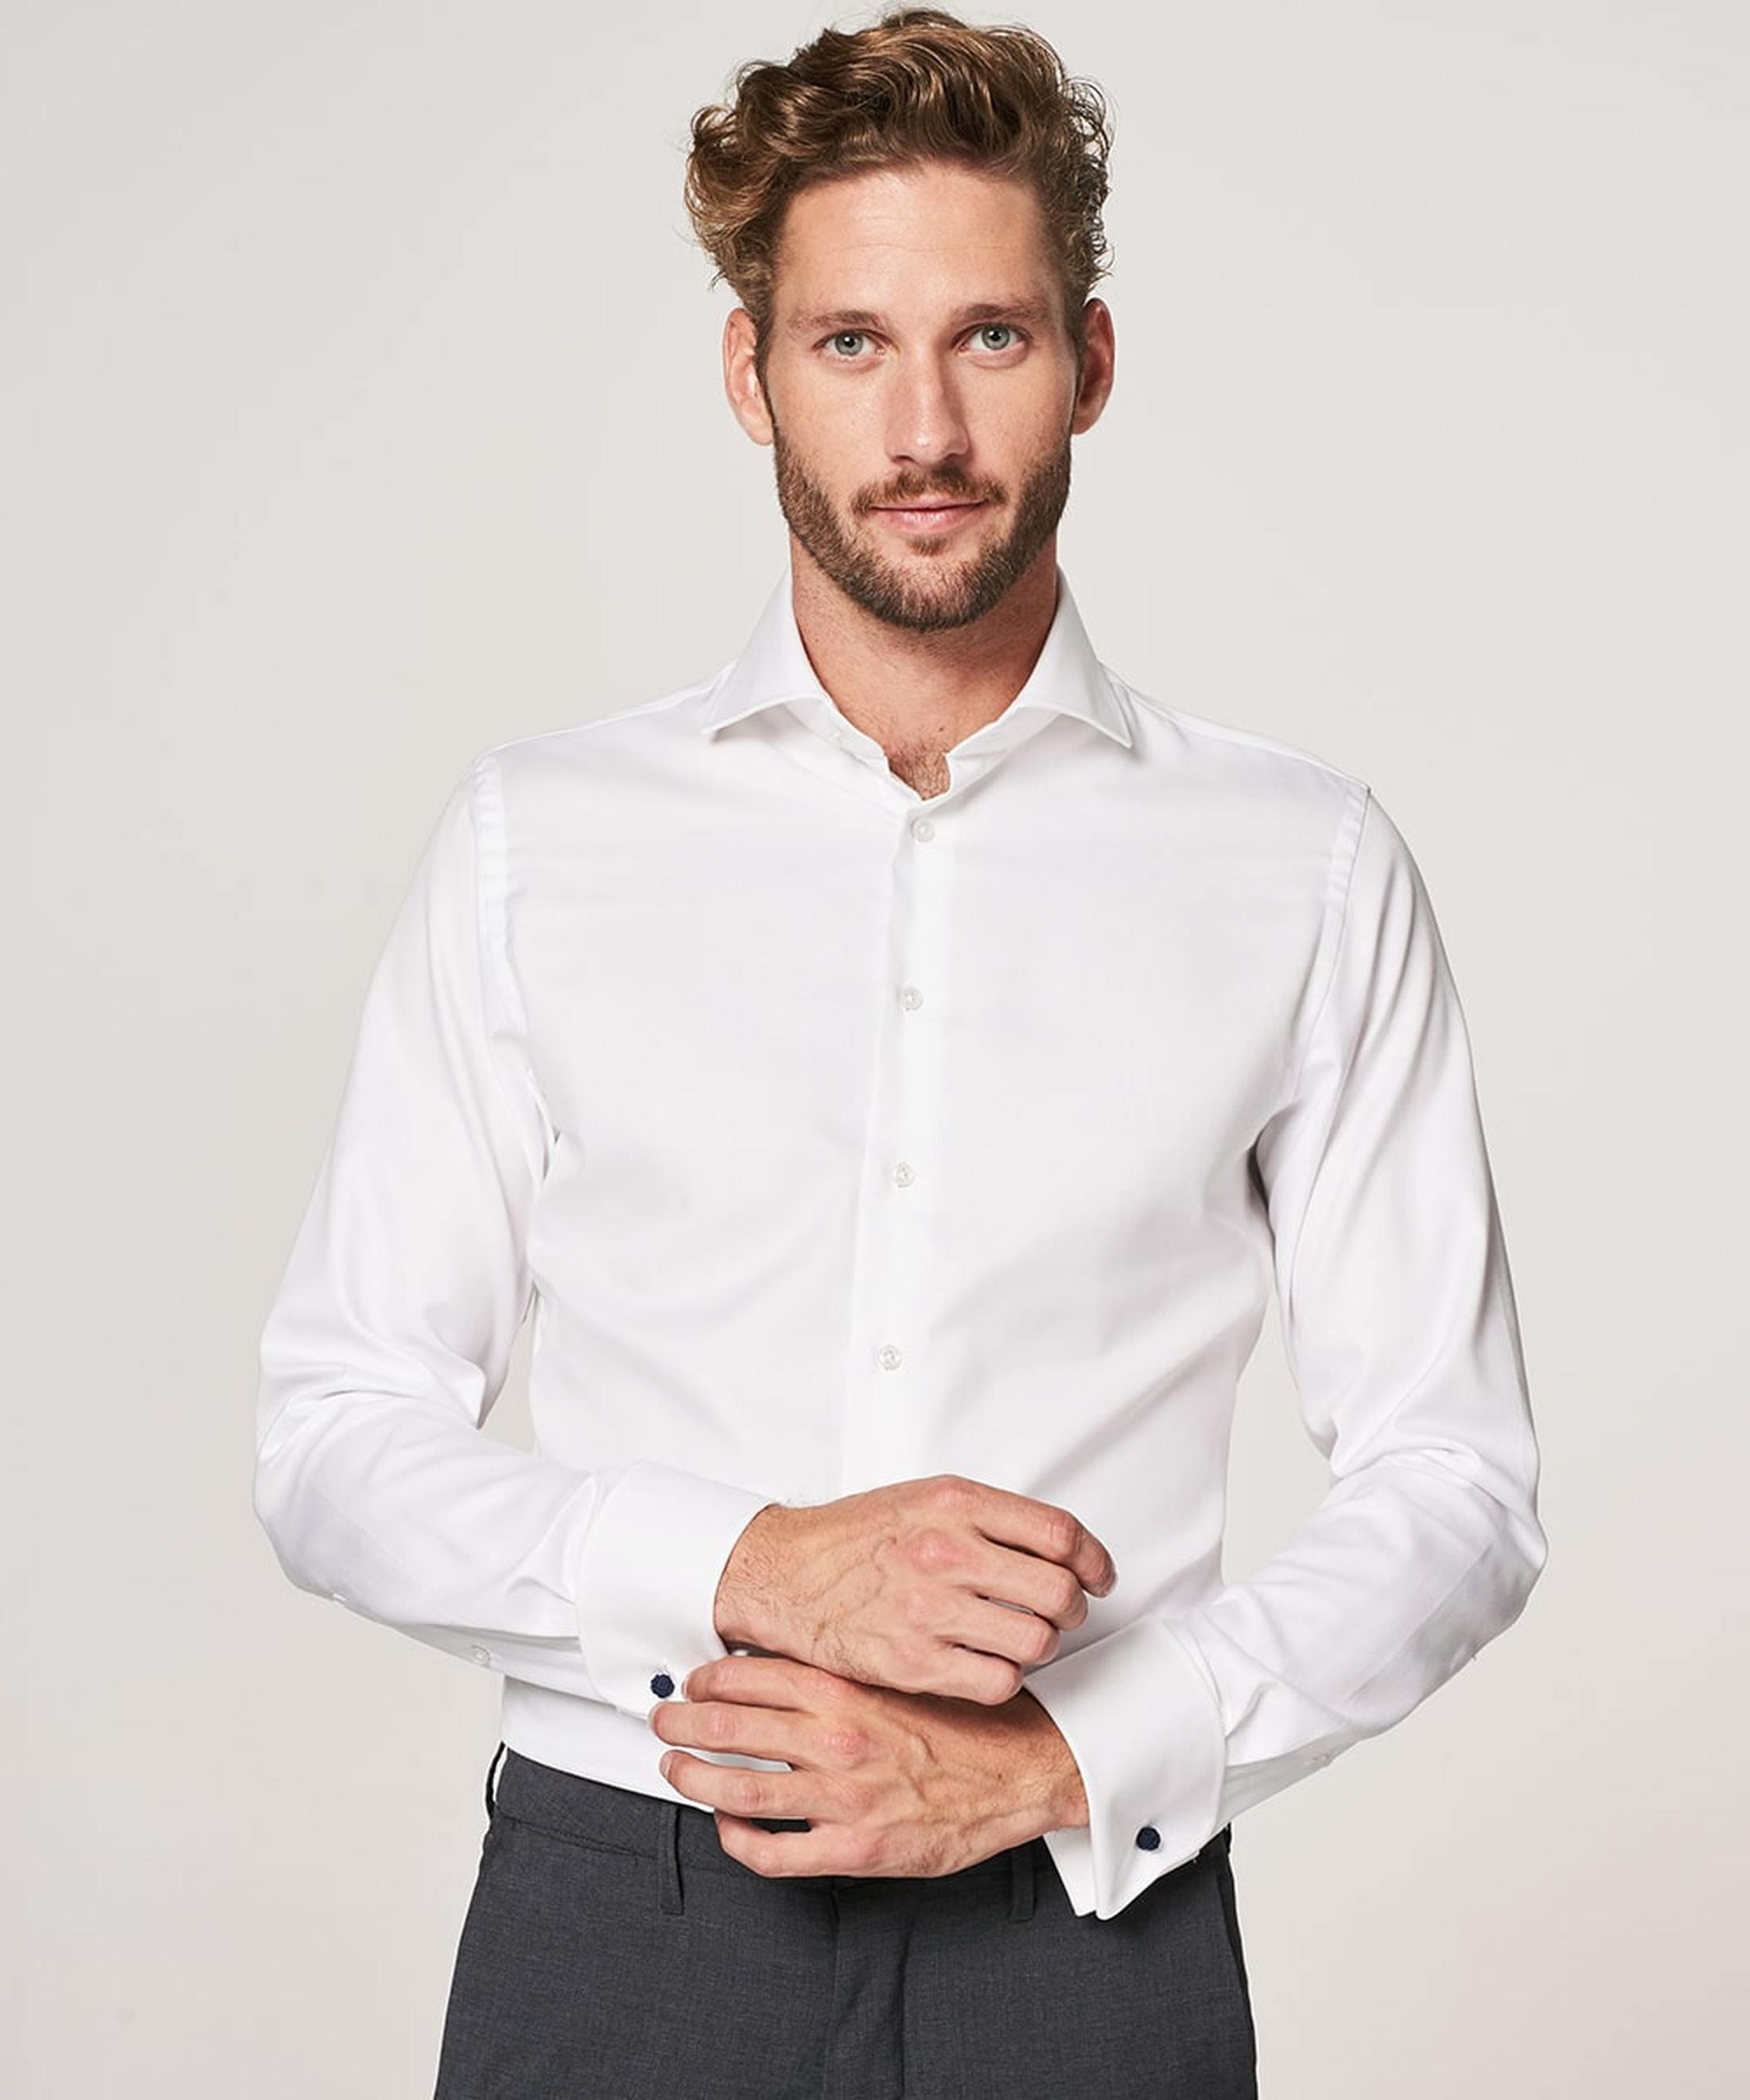 Profuomo Shirt Cutaway Double Cuff White foto 4